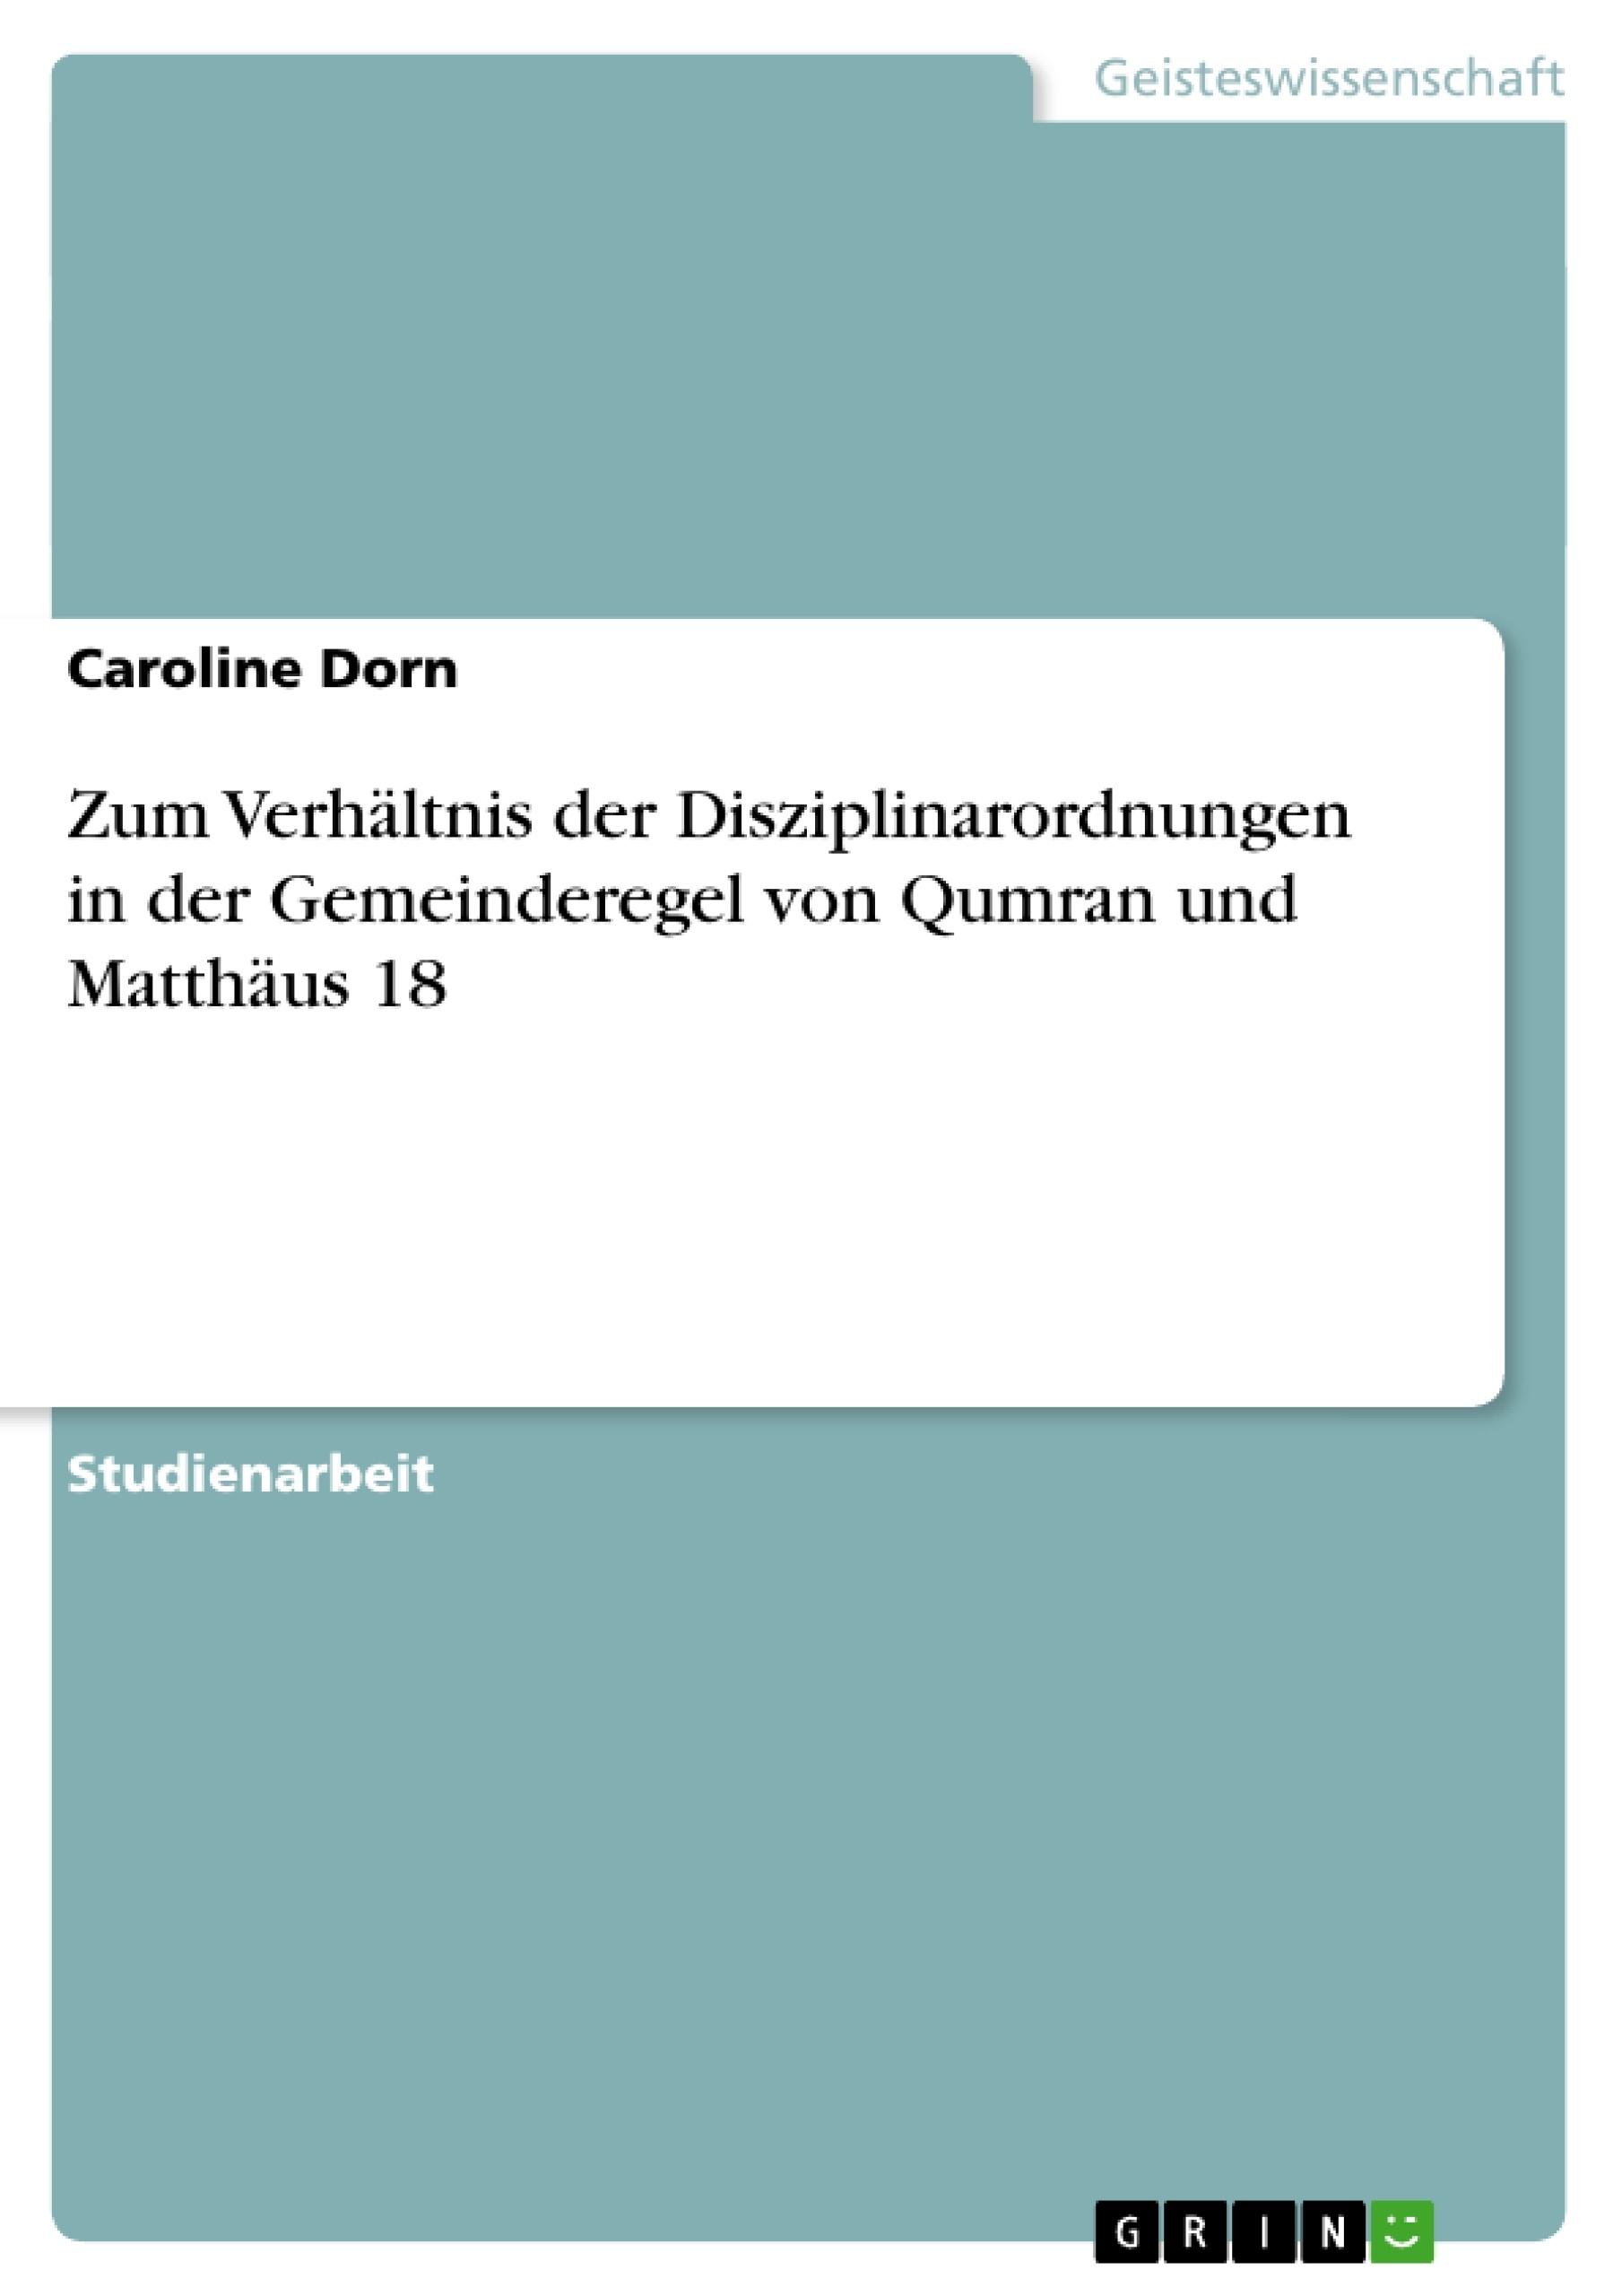 Titel: Zum Verhältnis der Disziplinarordnungen in der Gemeinderegel von Qumran und Matthäus 18